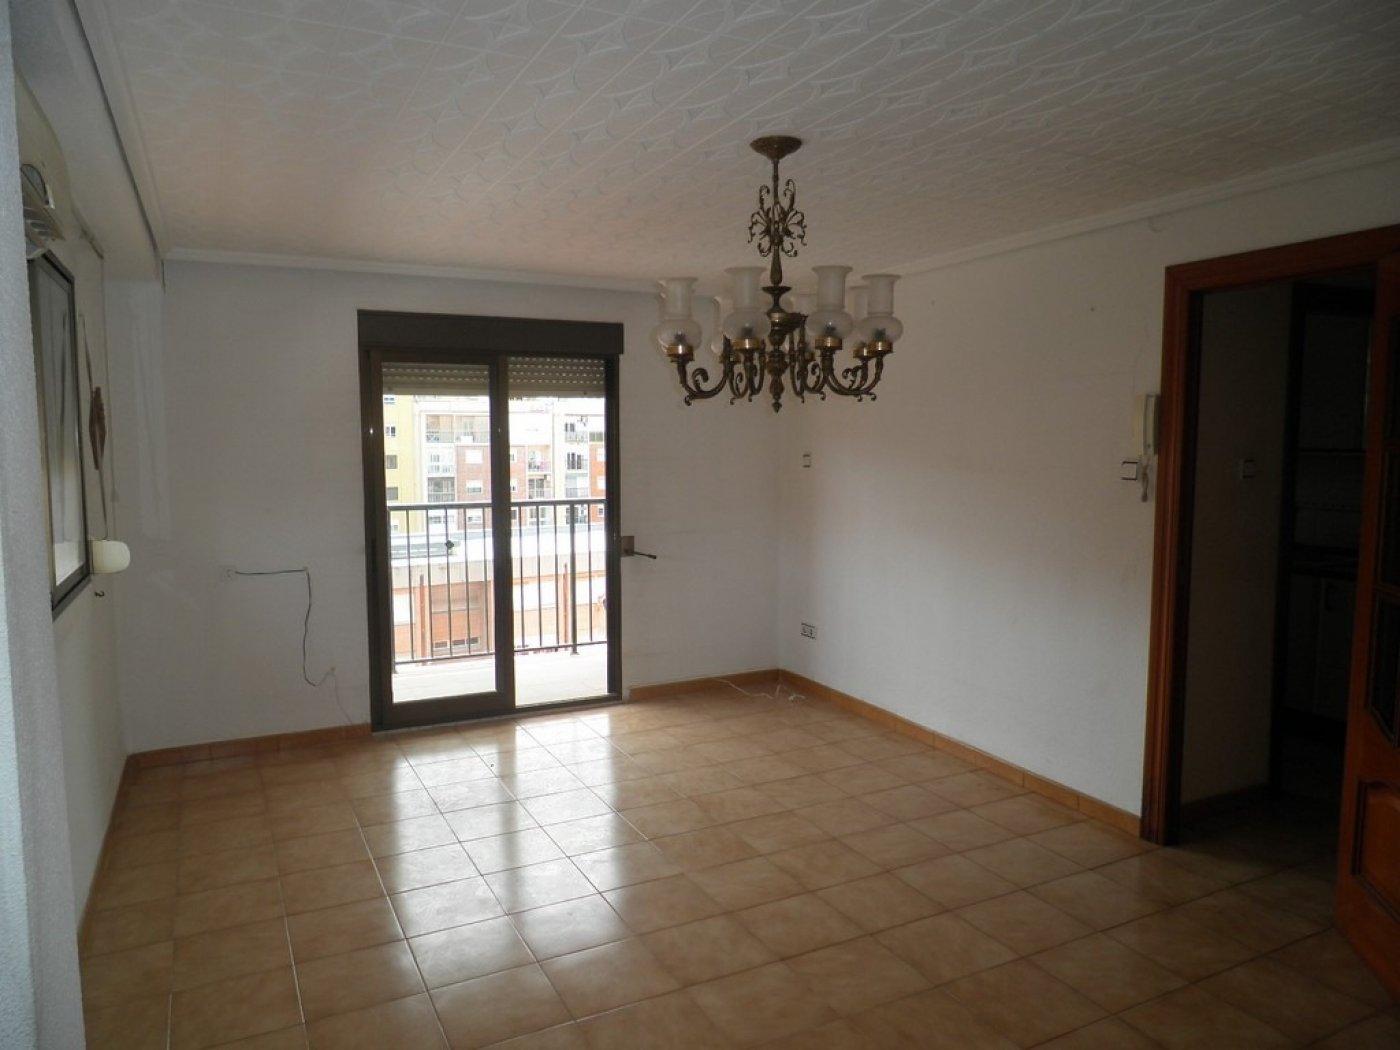 Oportunidad de vivienda reformada en finca con ascensor  y garaje incluido - imagenInmueble4